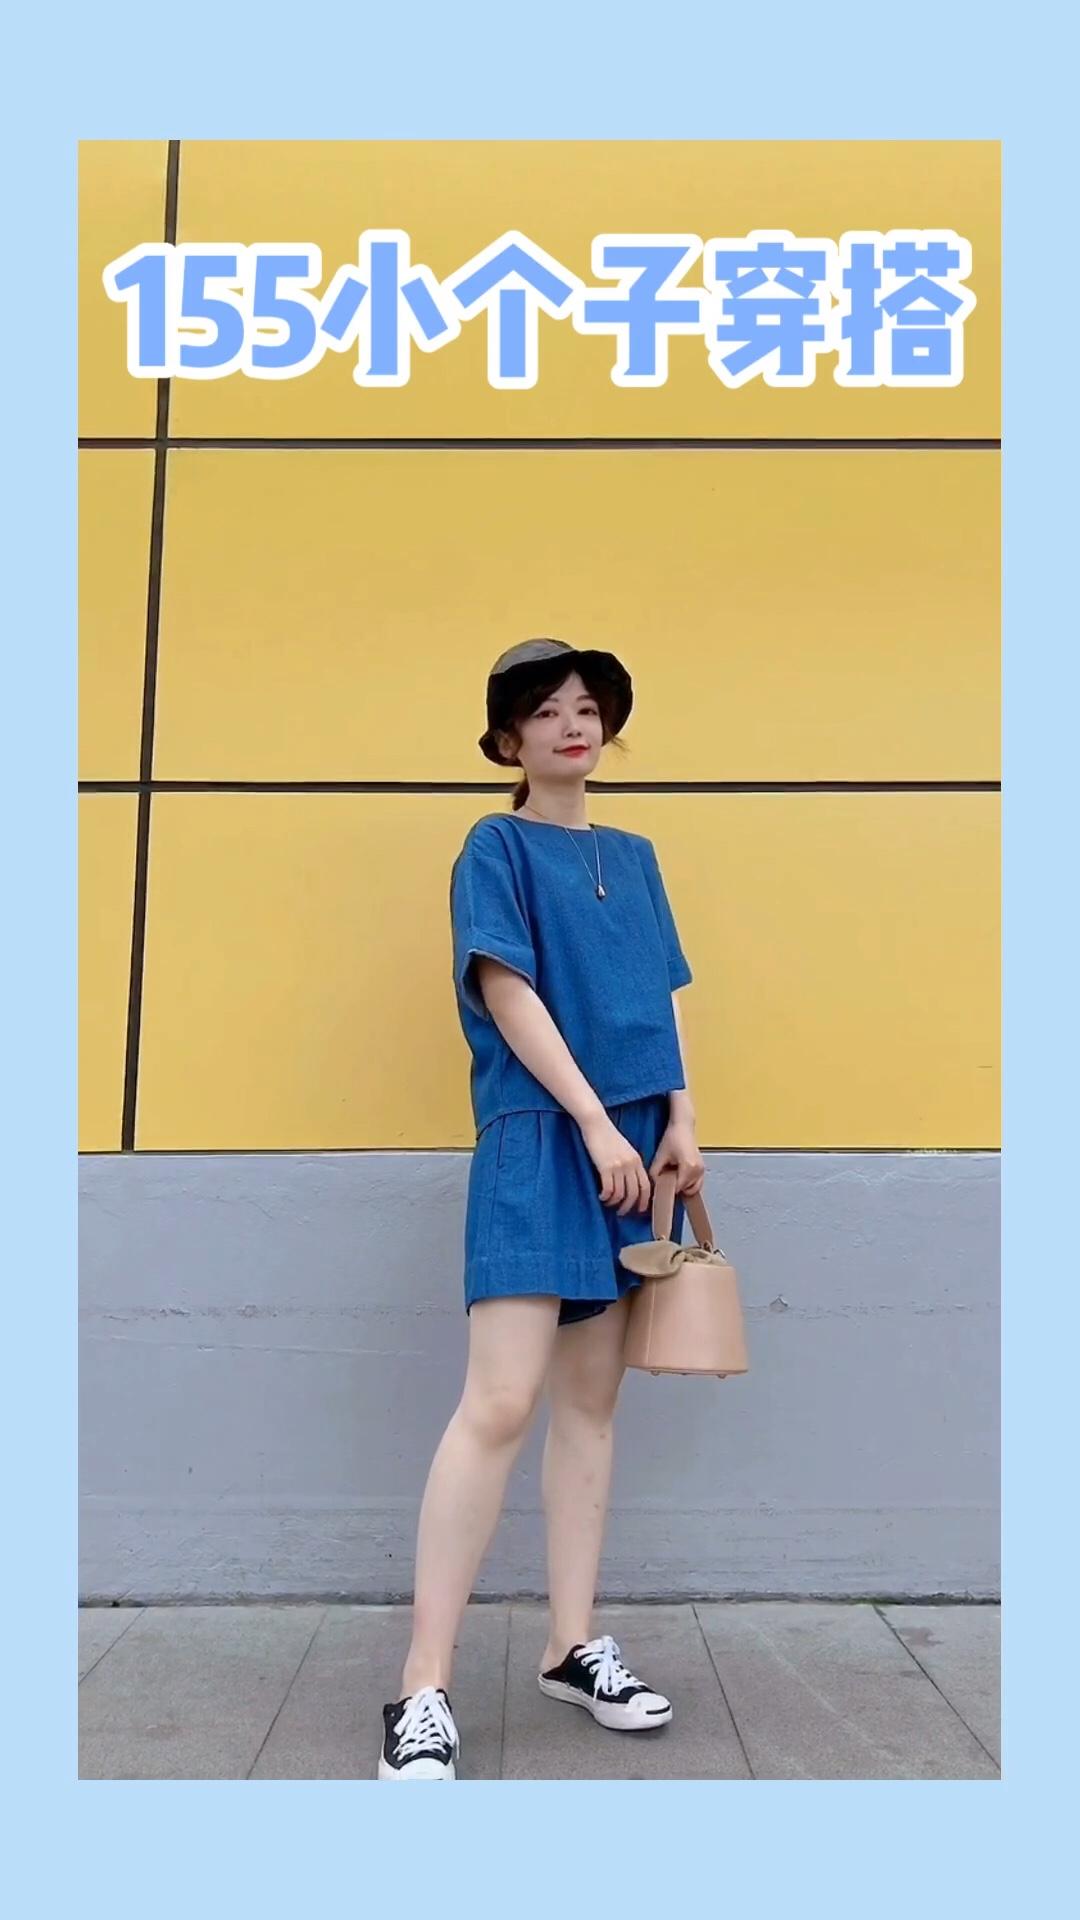 #衣柜里最能打的套装安利!#  不知道穿什么 套装是首选哦 牛仔蓝色系超级显白 后背的纽扣设计也hin可爱 裙裤的版型可以遮住大腿的肉肉哈